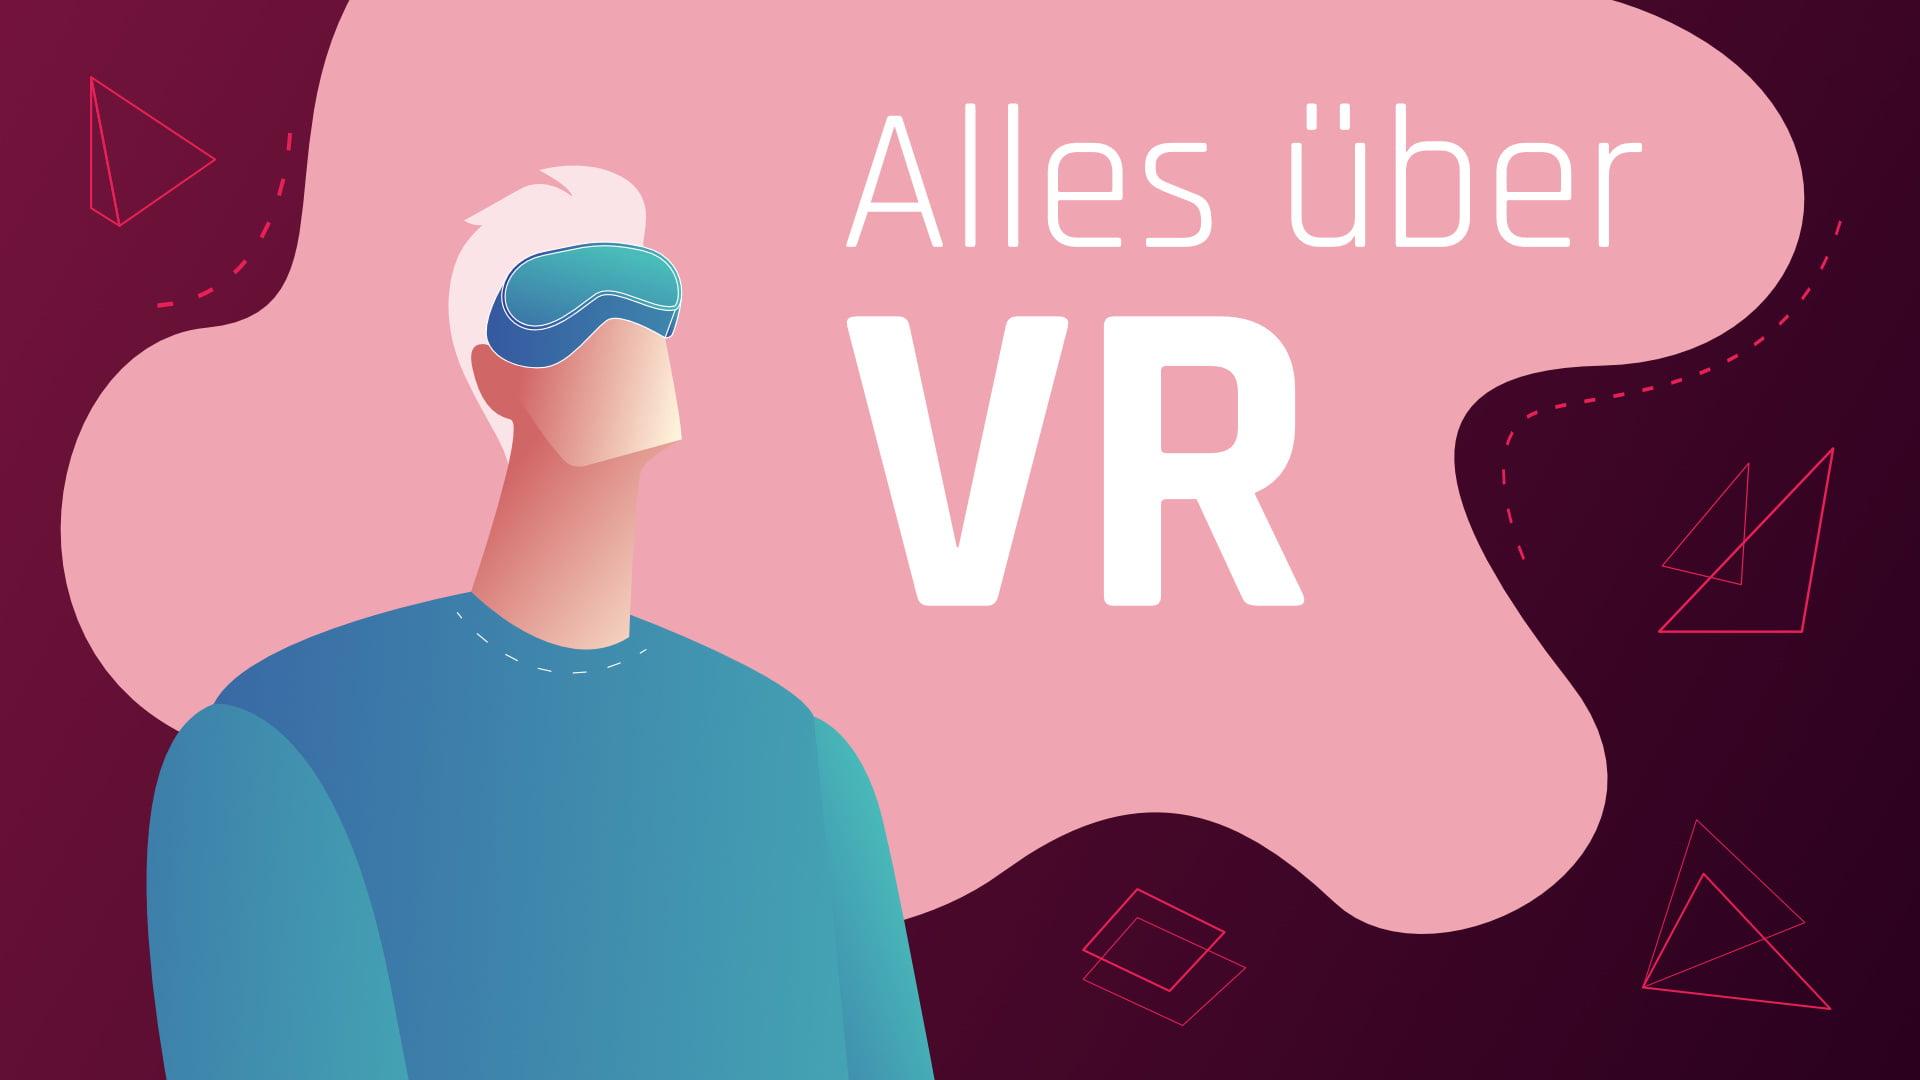 Alles über VR - MIXED.de